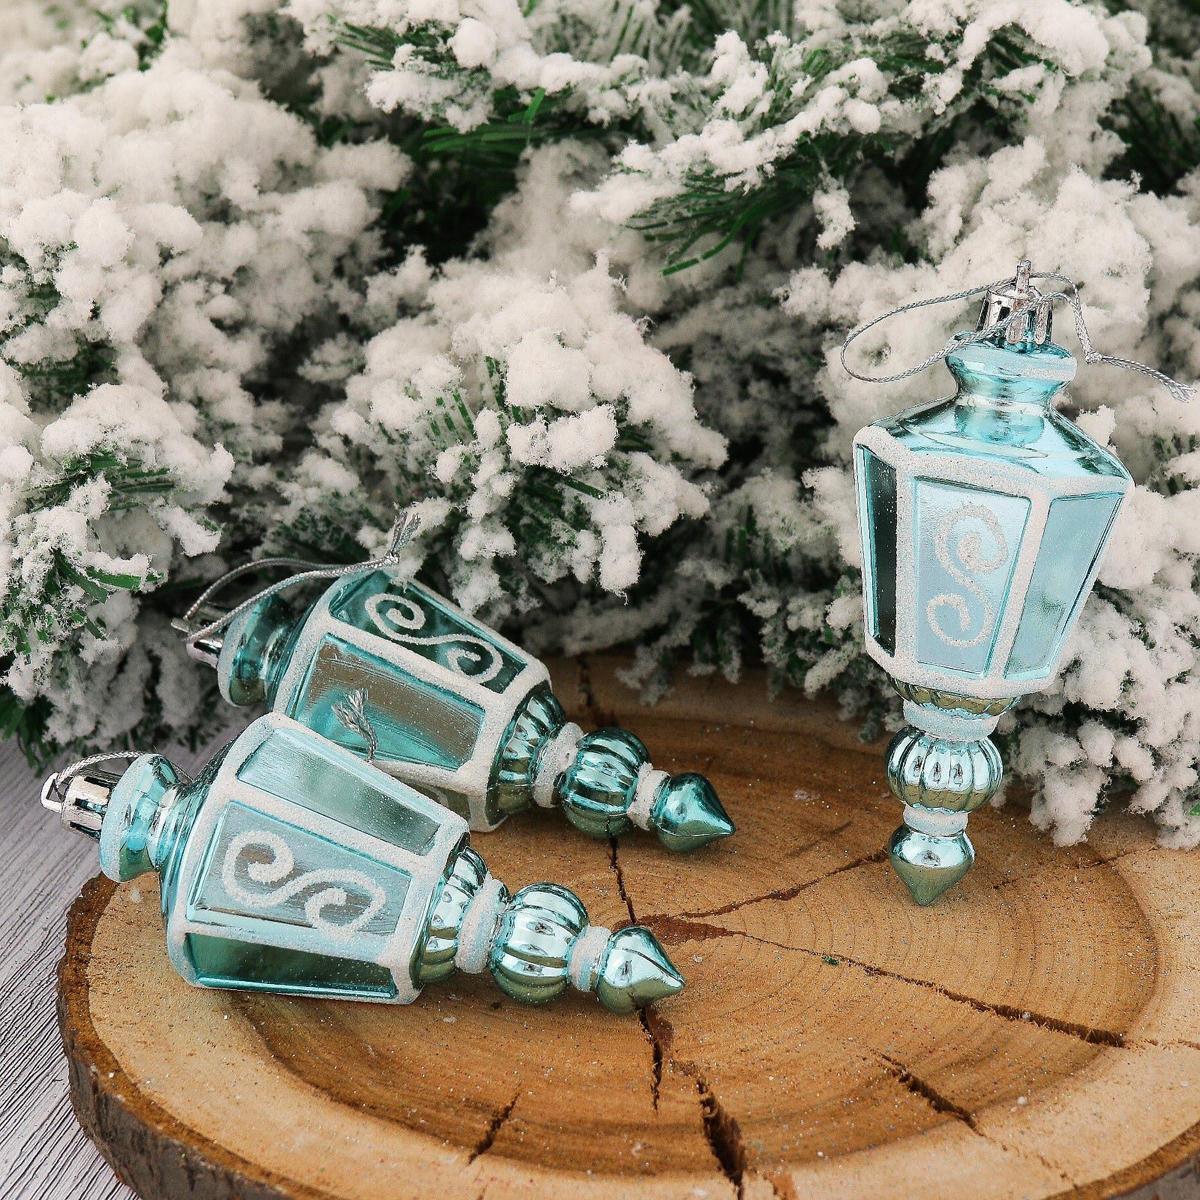 Набор новогодних подвесных украшений Фонарик, цвет: голубой, 9,5 х 4,5 см, 6 шт2123099Набор новогодних подвесных украшений отлично подойдет для декорации вашего дома и новогодней ели. С помощью специальной петельки украшение можно повесить в любом понравившемся вам месте. Но, конечно, удачнее всего оно будет смотреться на праздничной елке.Елочная игрушка - символ Нового года. Она несет в себе волшебство и красоту праздника. Такое украшение создаст в вашем доме атмосферу праздника, веселья и радости.